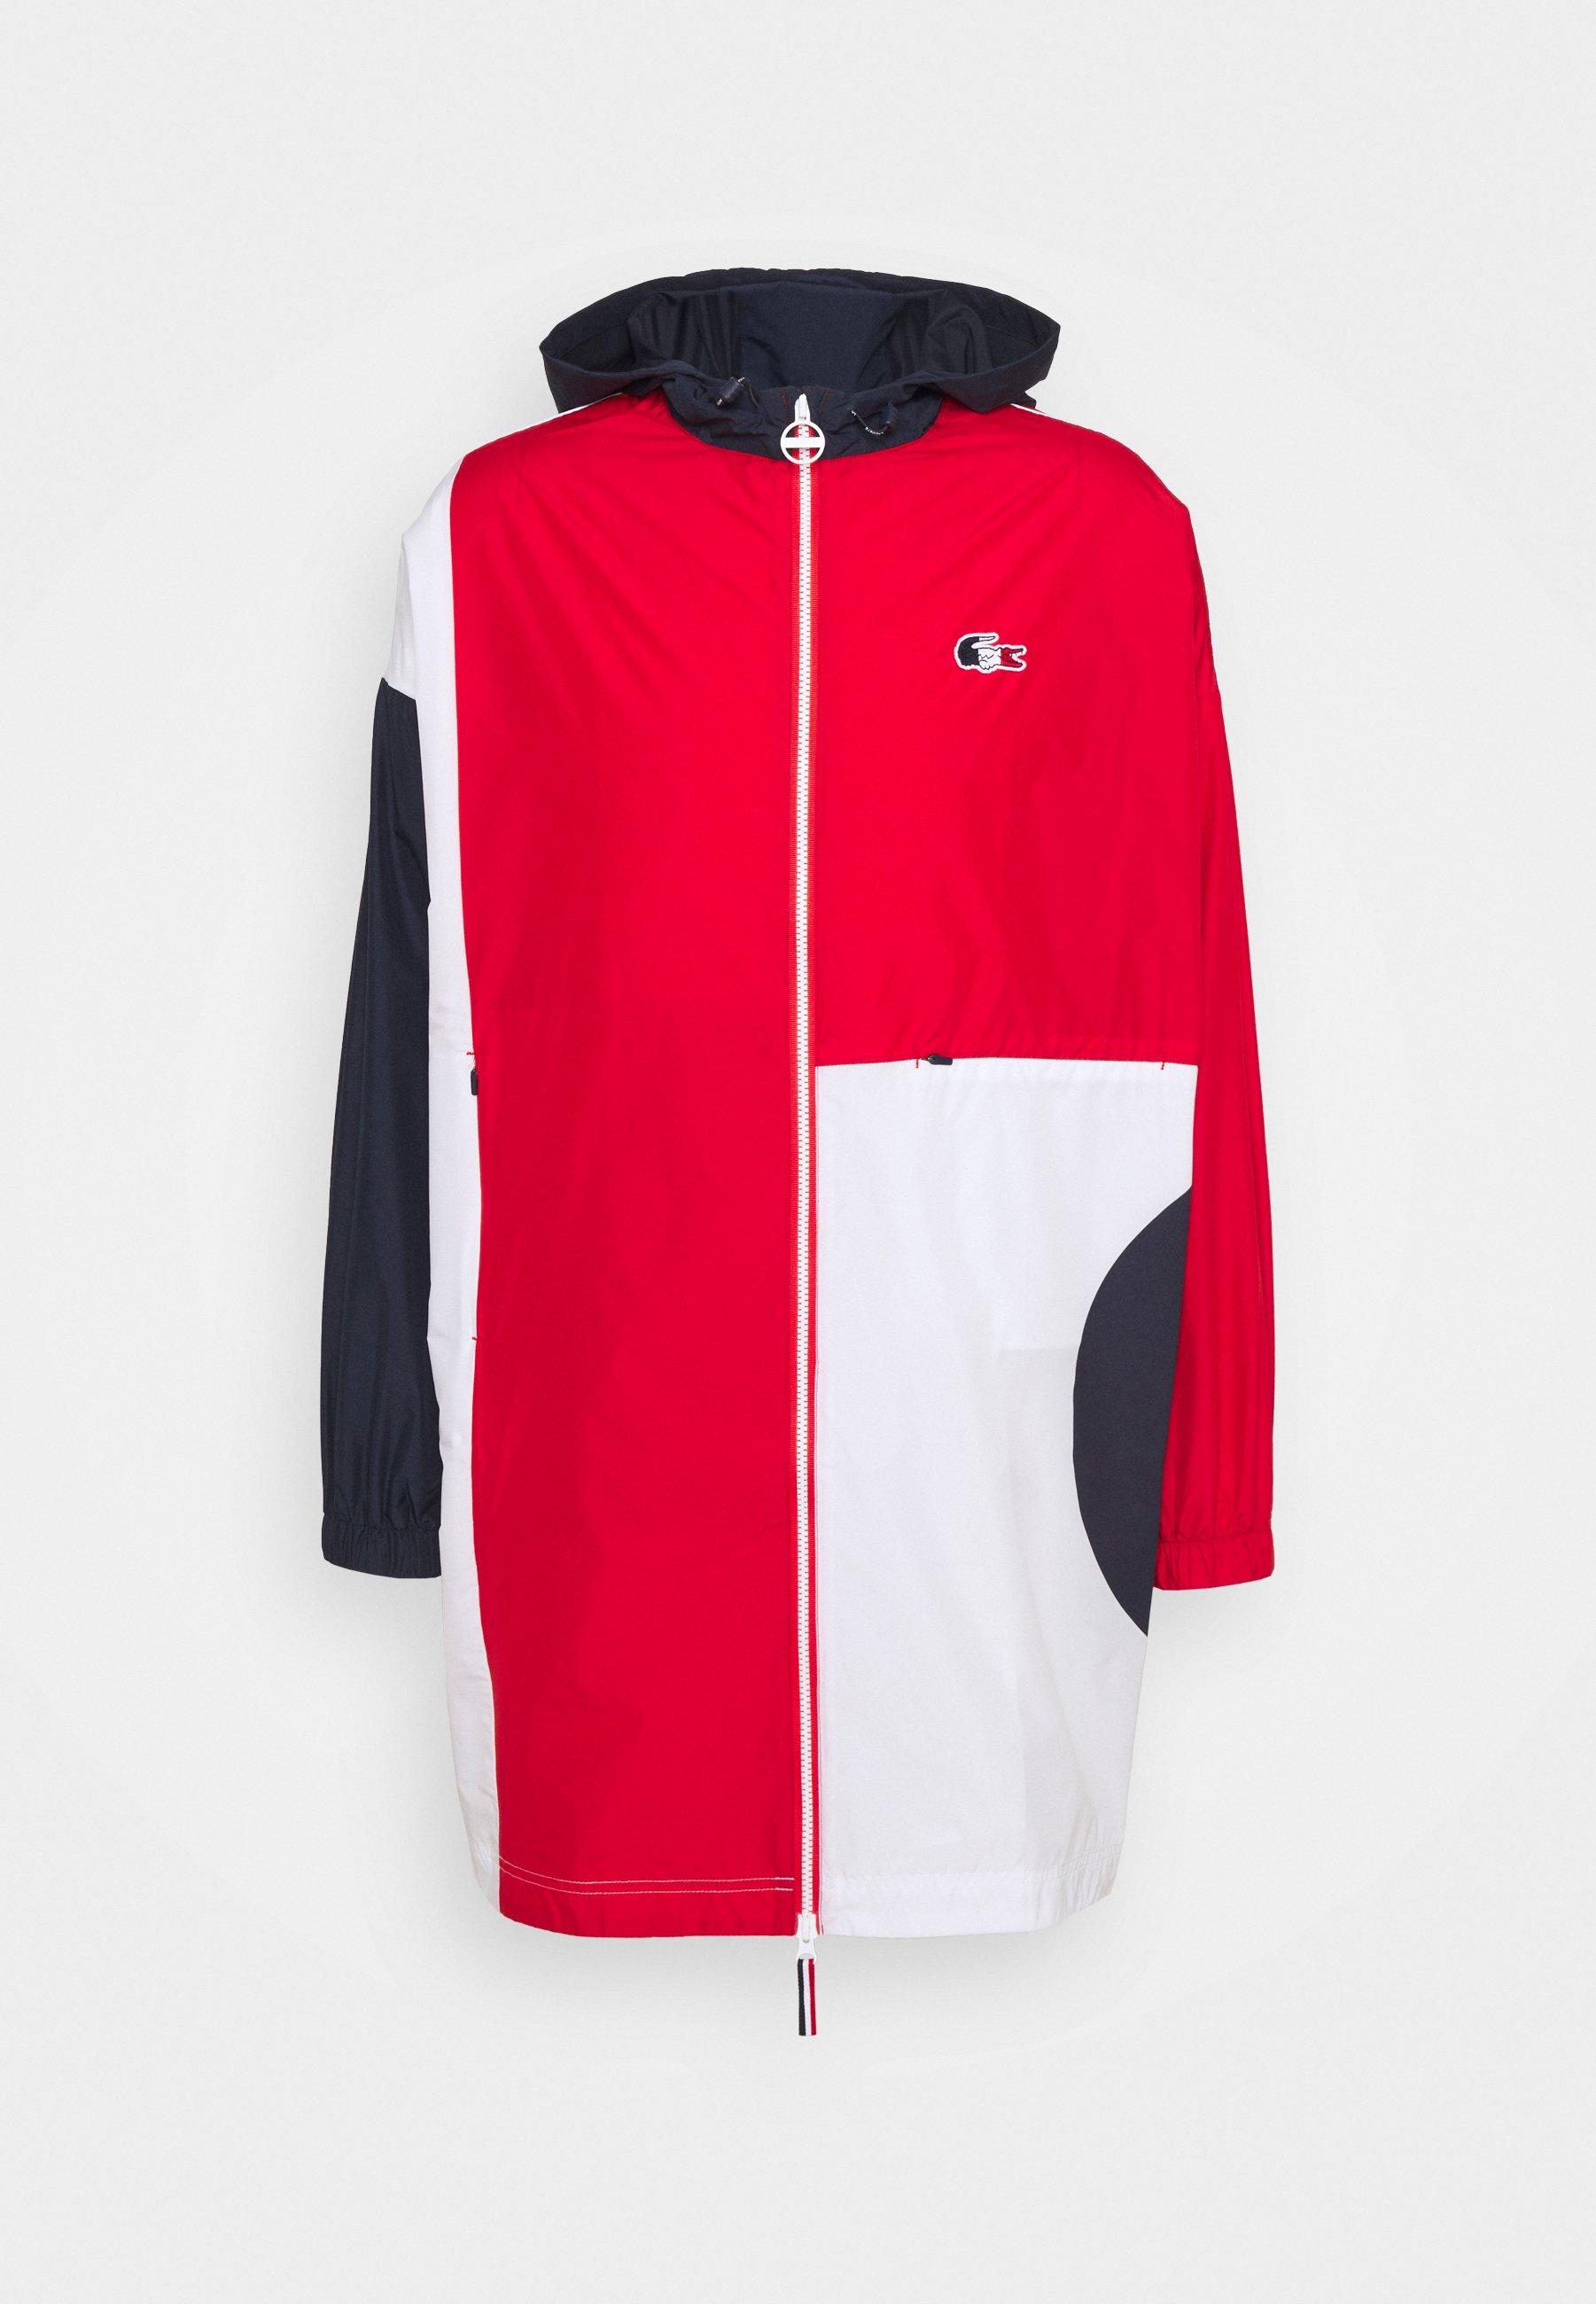 Men OLYMP JACKETS - Training jacket